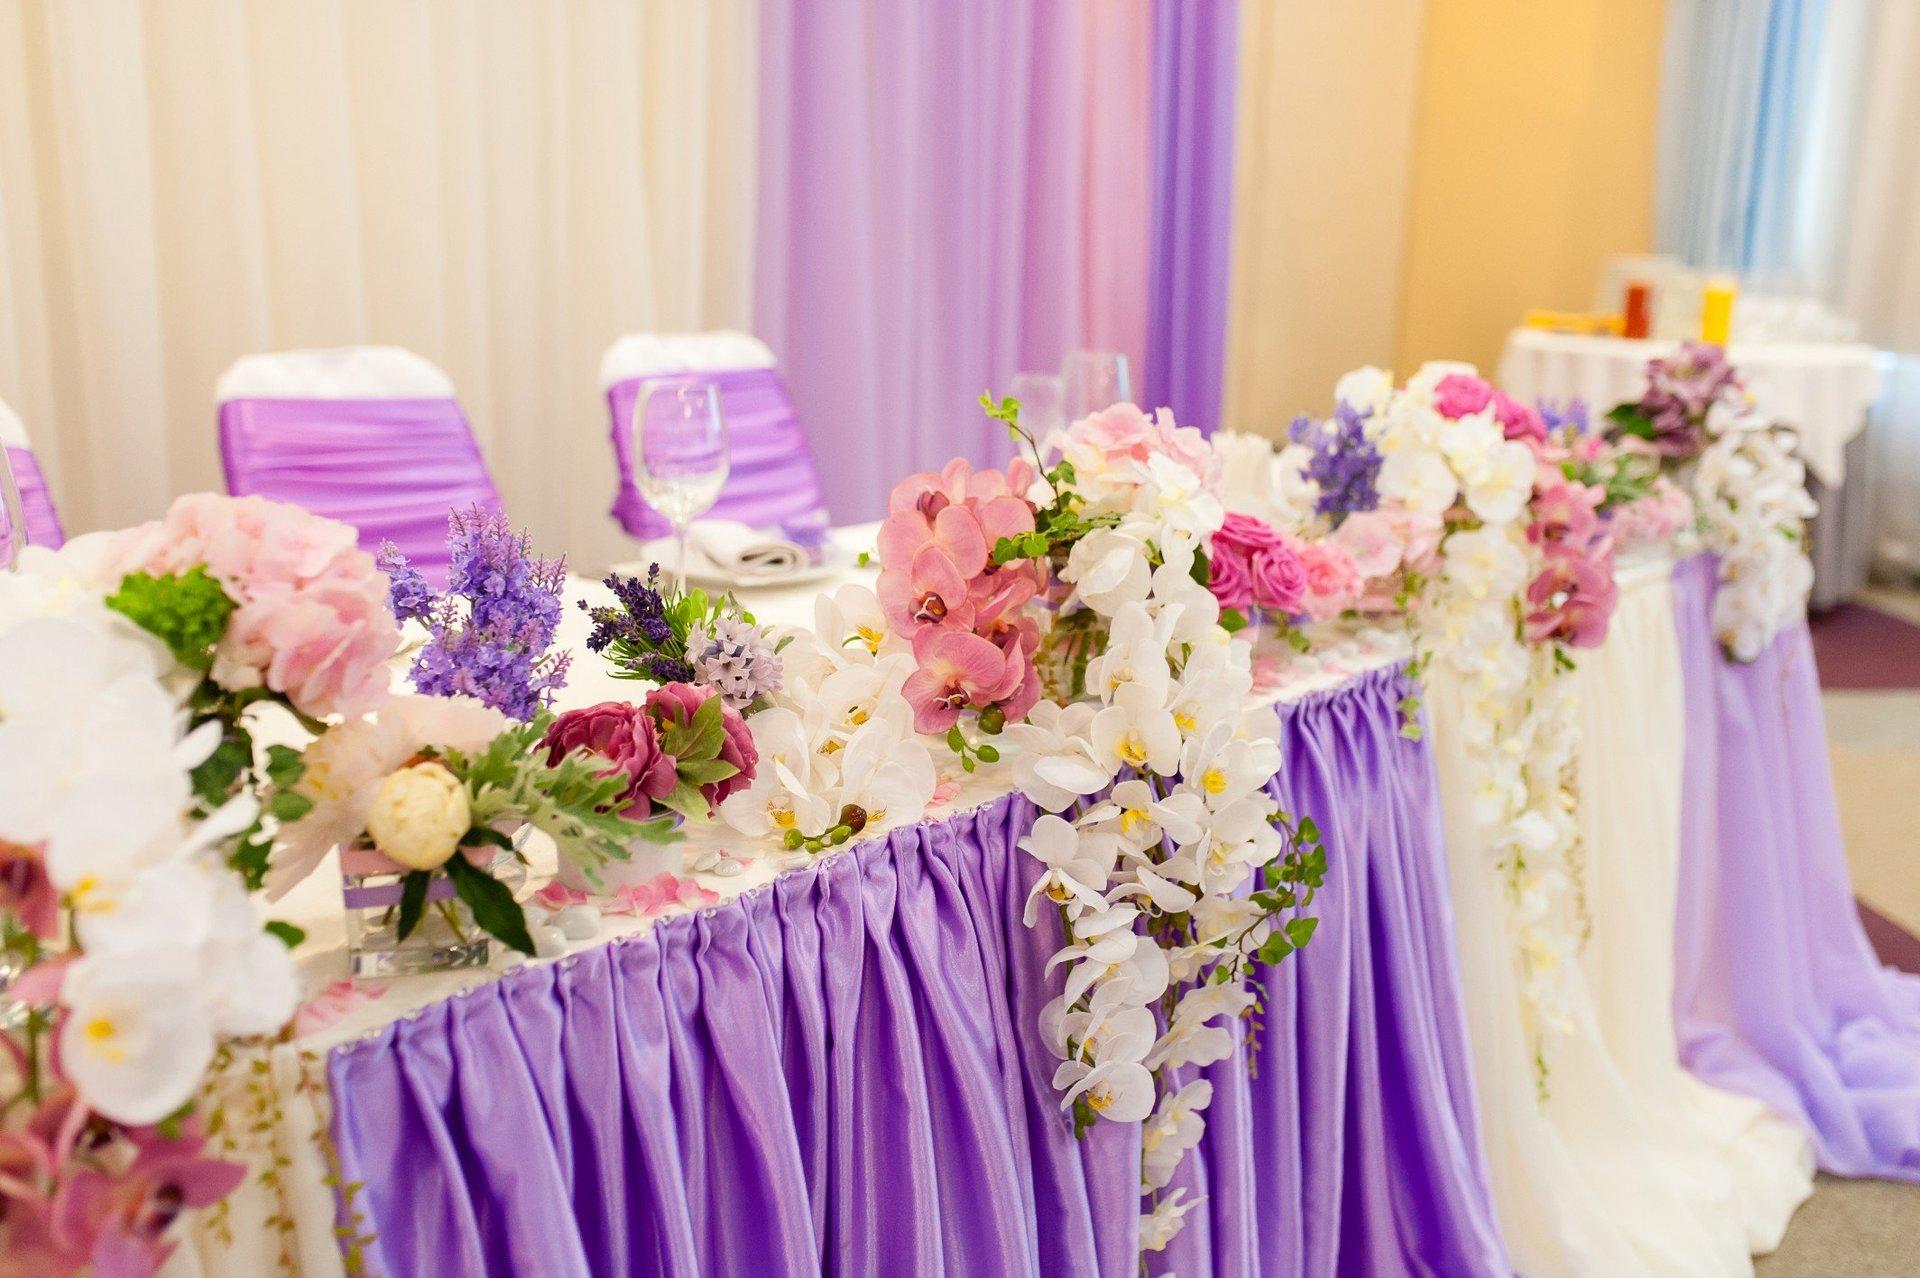 Tavola allestita con fiori bianchi e viola